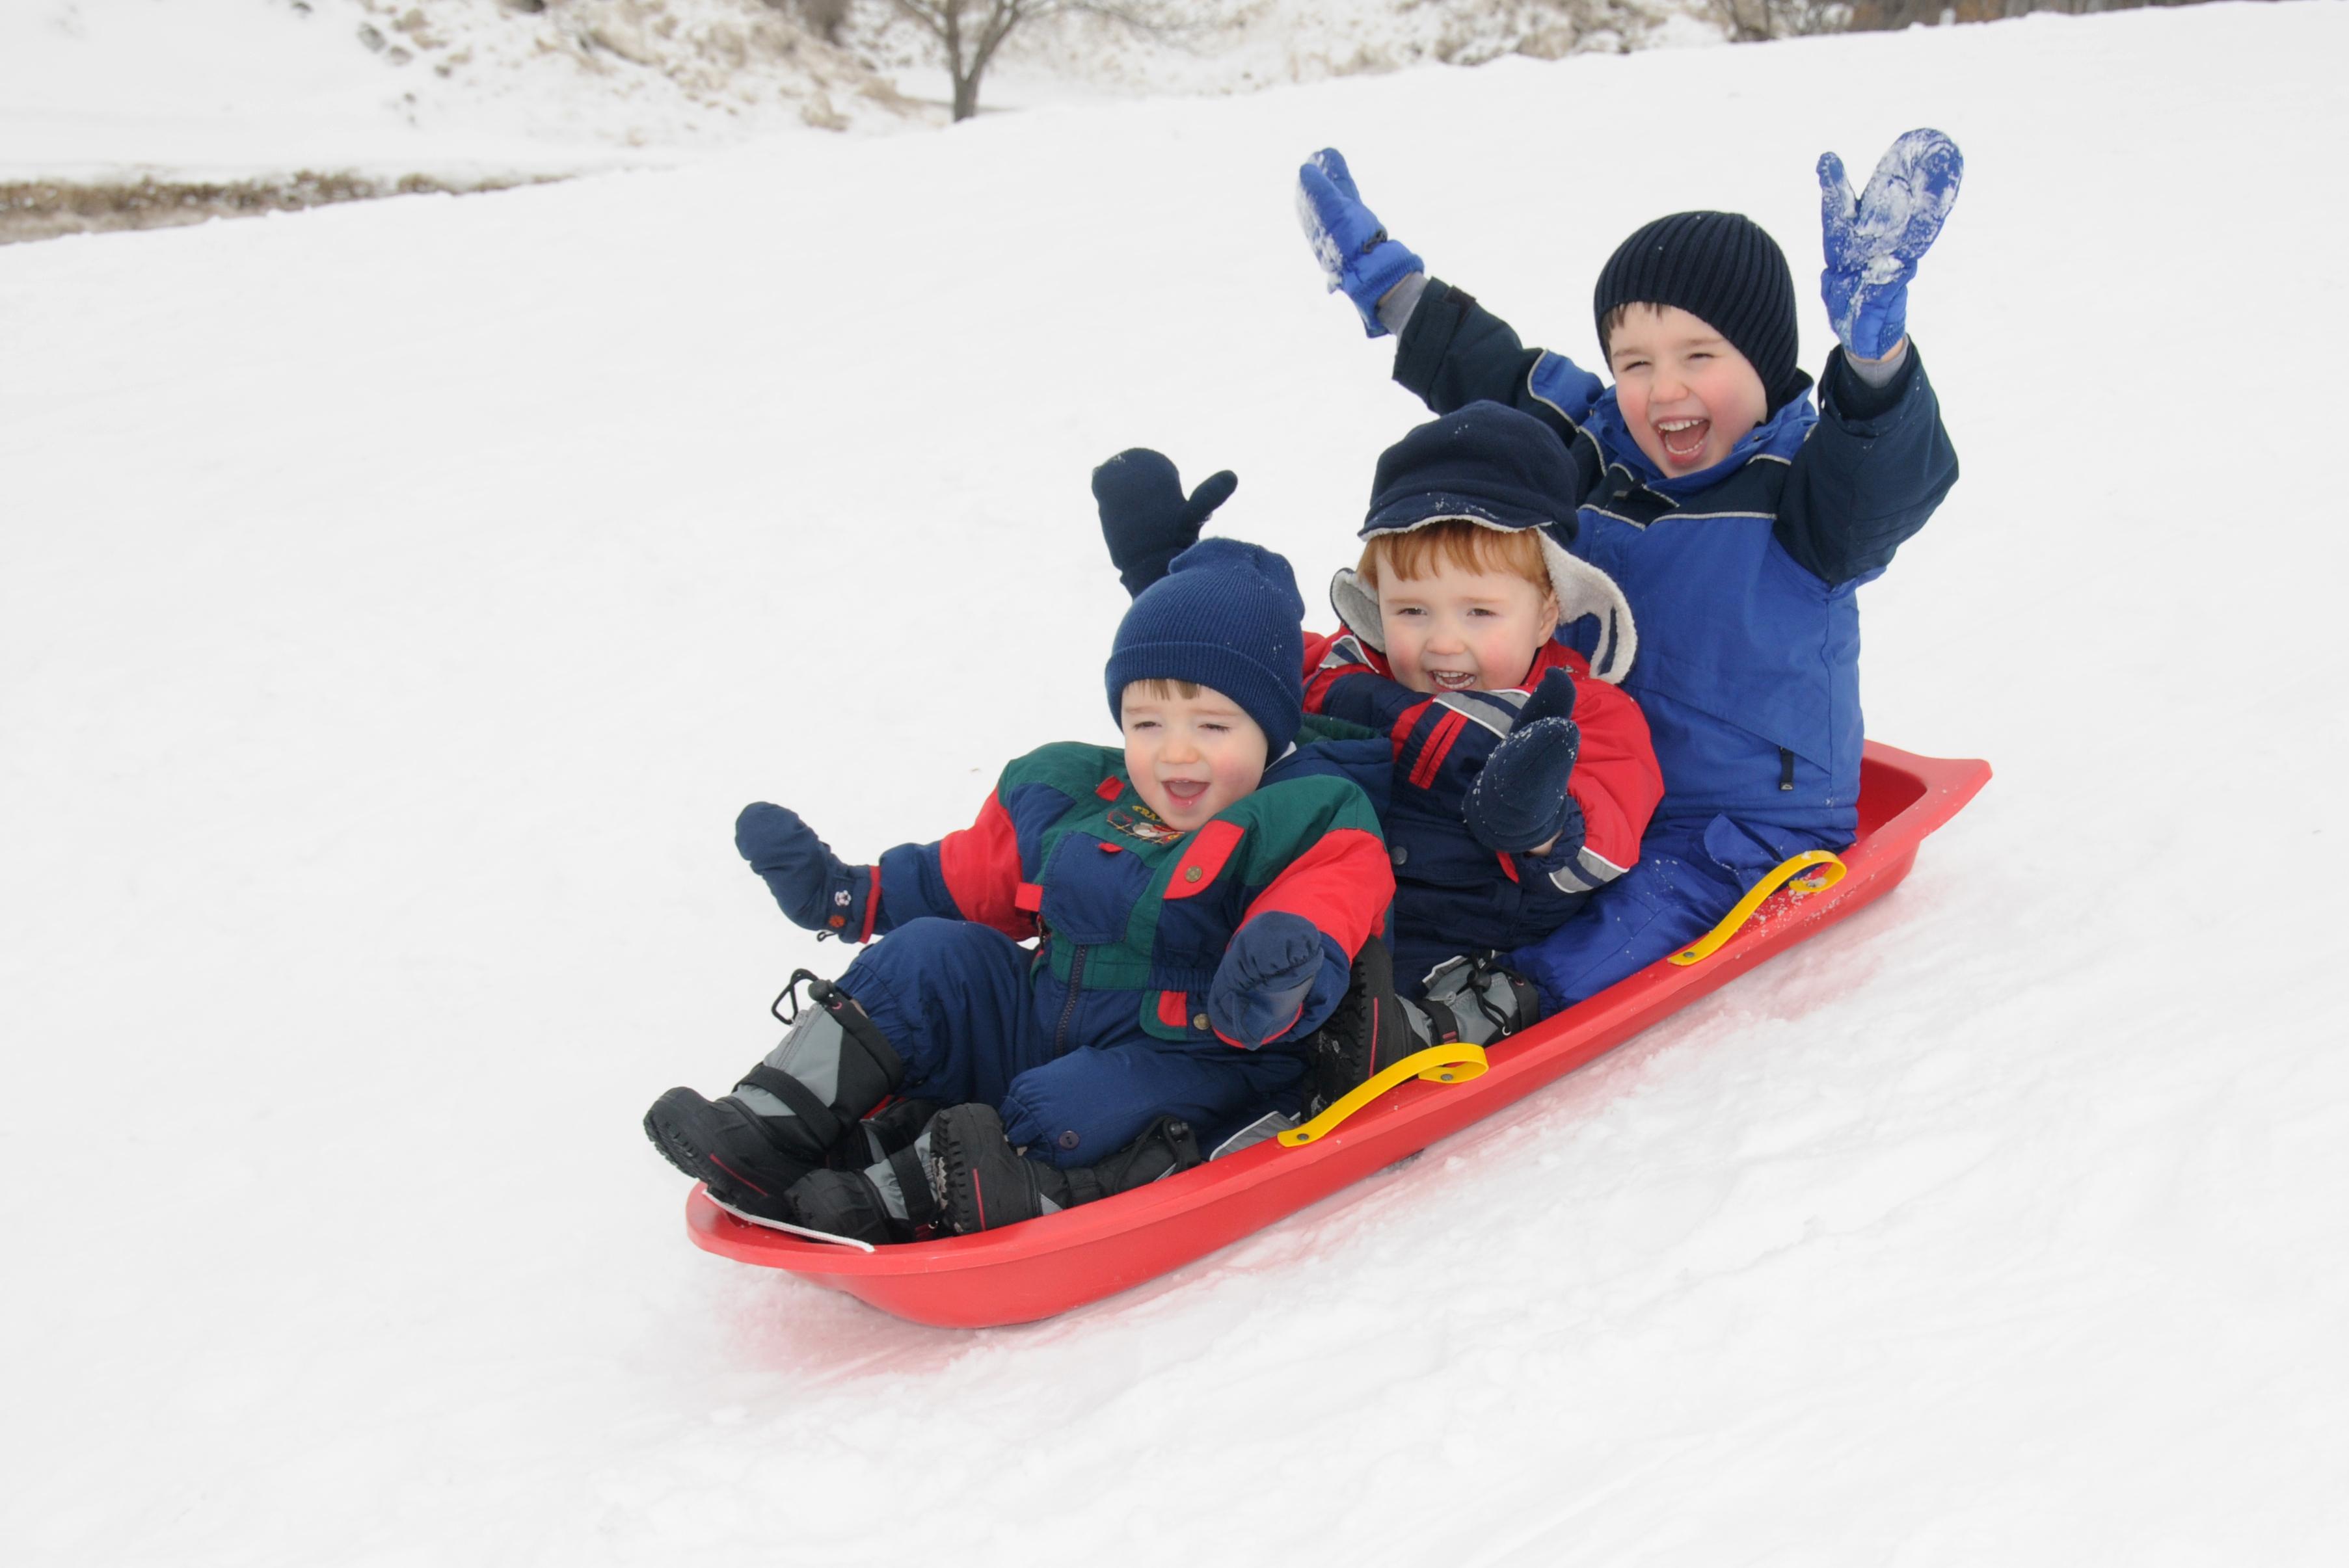 Niños montando en trineo sobre la nieve (Shutterstock)